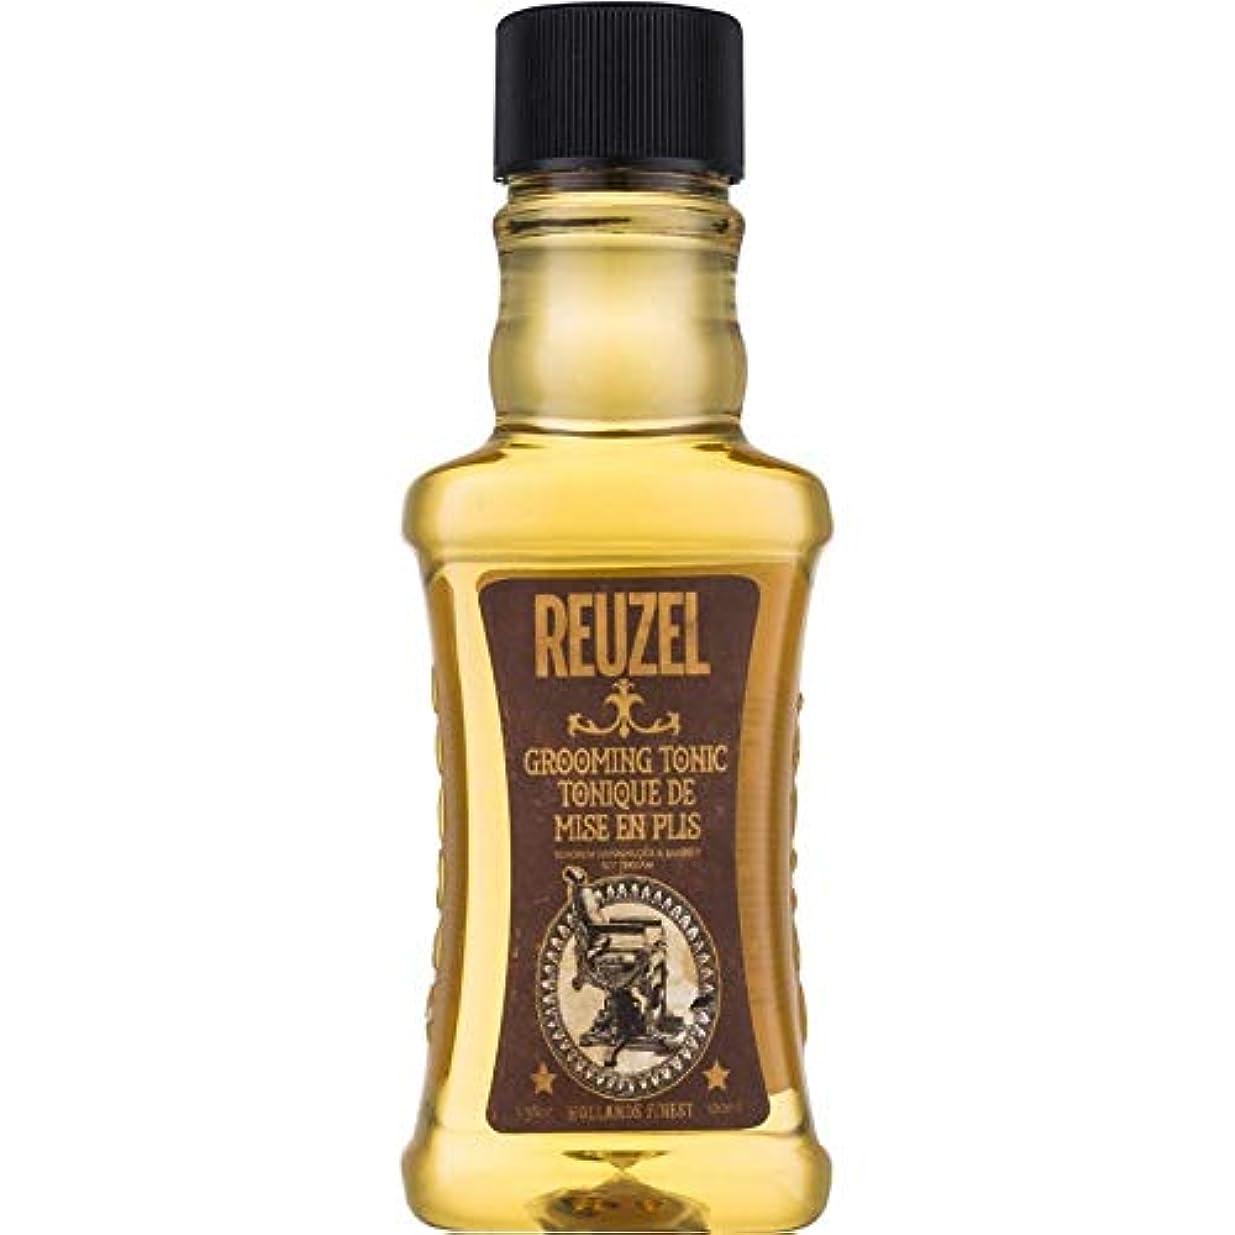 ご飯寝室を掃除する雪だるまルーゾー グルーミング トニック Reuzel Grooming Tonic 100 ml [並行輸入品]